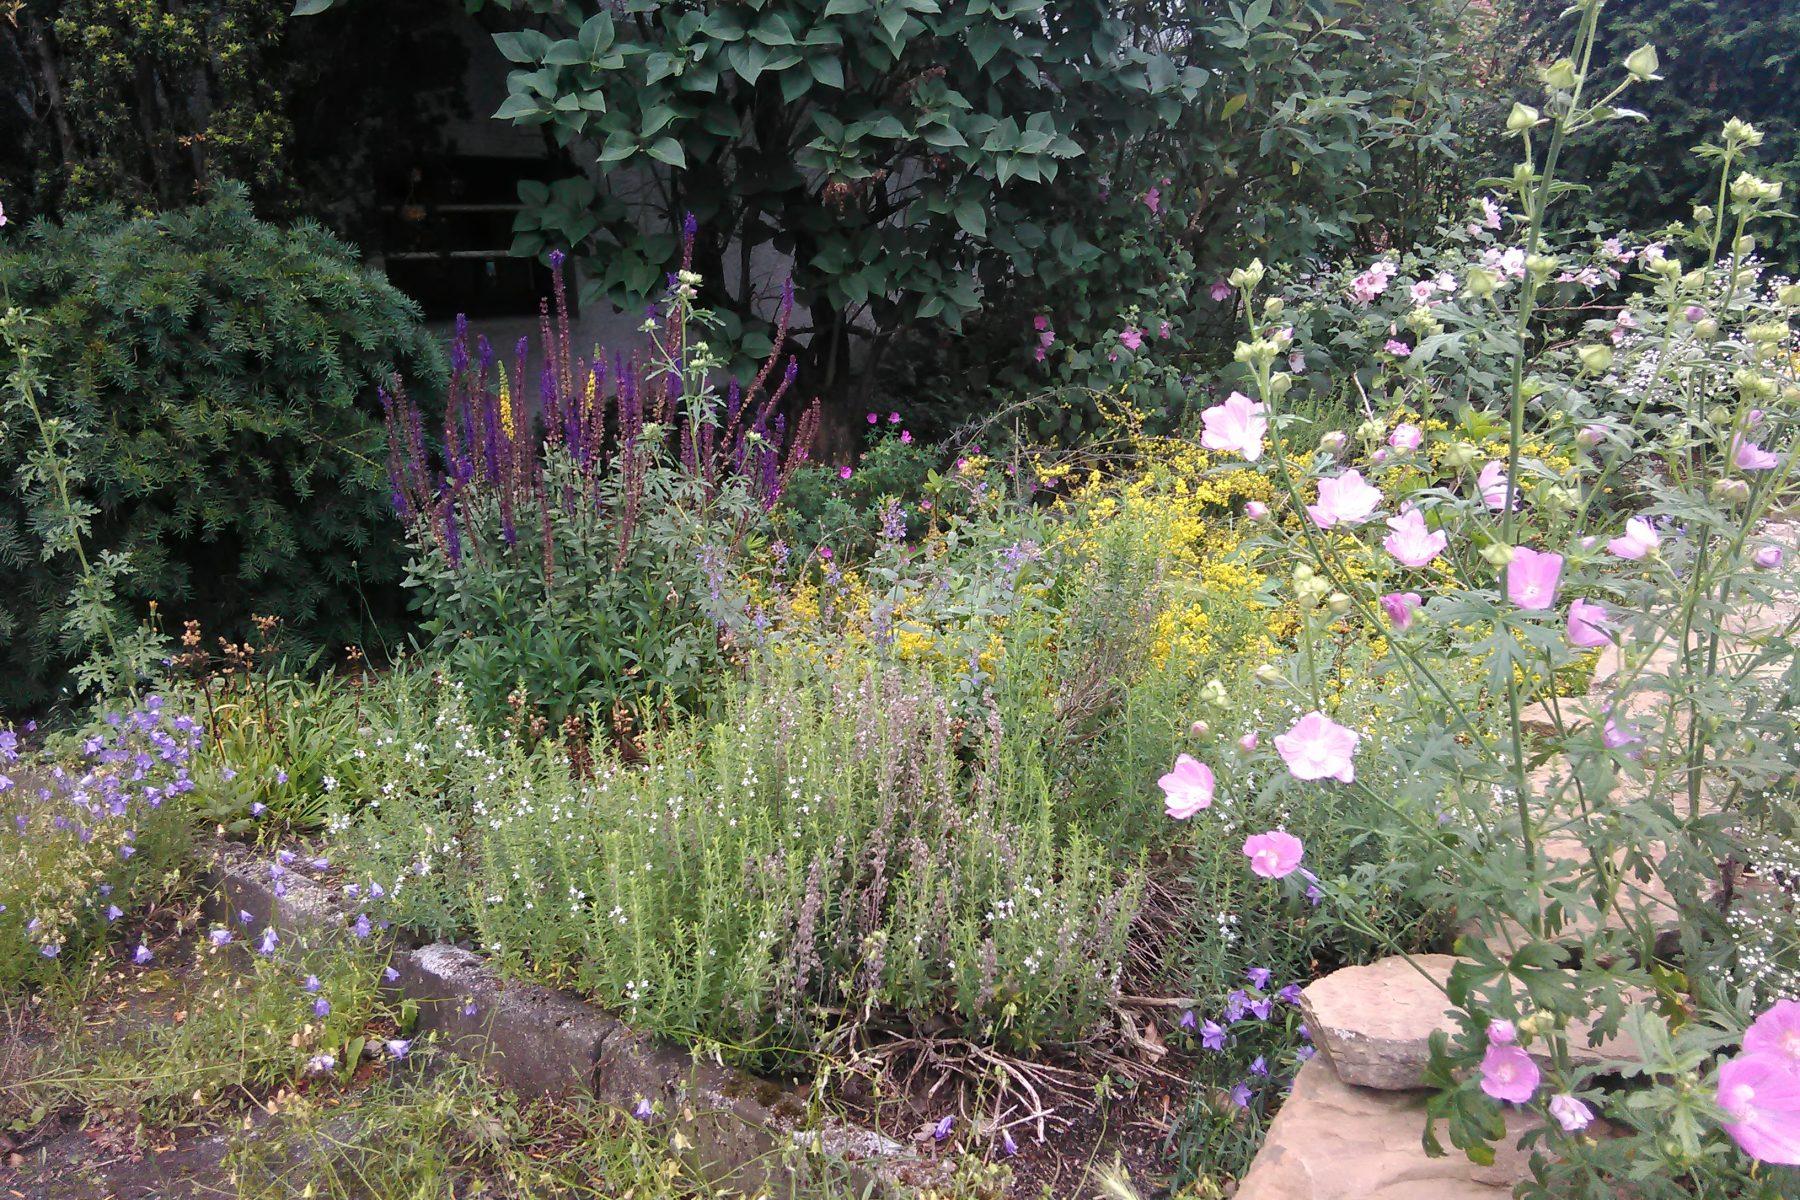 Frühsommer Anfang Juli 2020 von links nach rechts: Rundblättrige Glockenblume, Steppensalbei, Odermennig, Bohnenkraut, Katzenminze, Blut-Strochschnabel, Echtes Labkraut, Rosenmalve, im Hintergrund Buschmalve